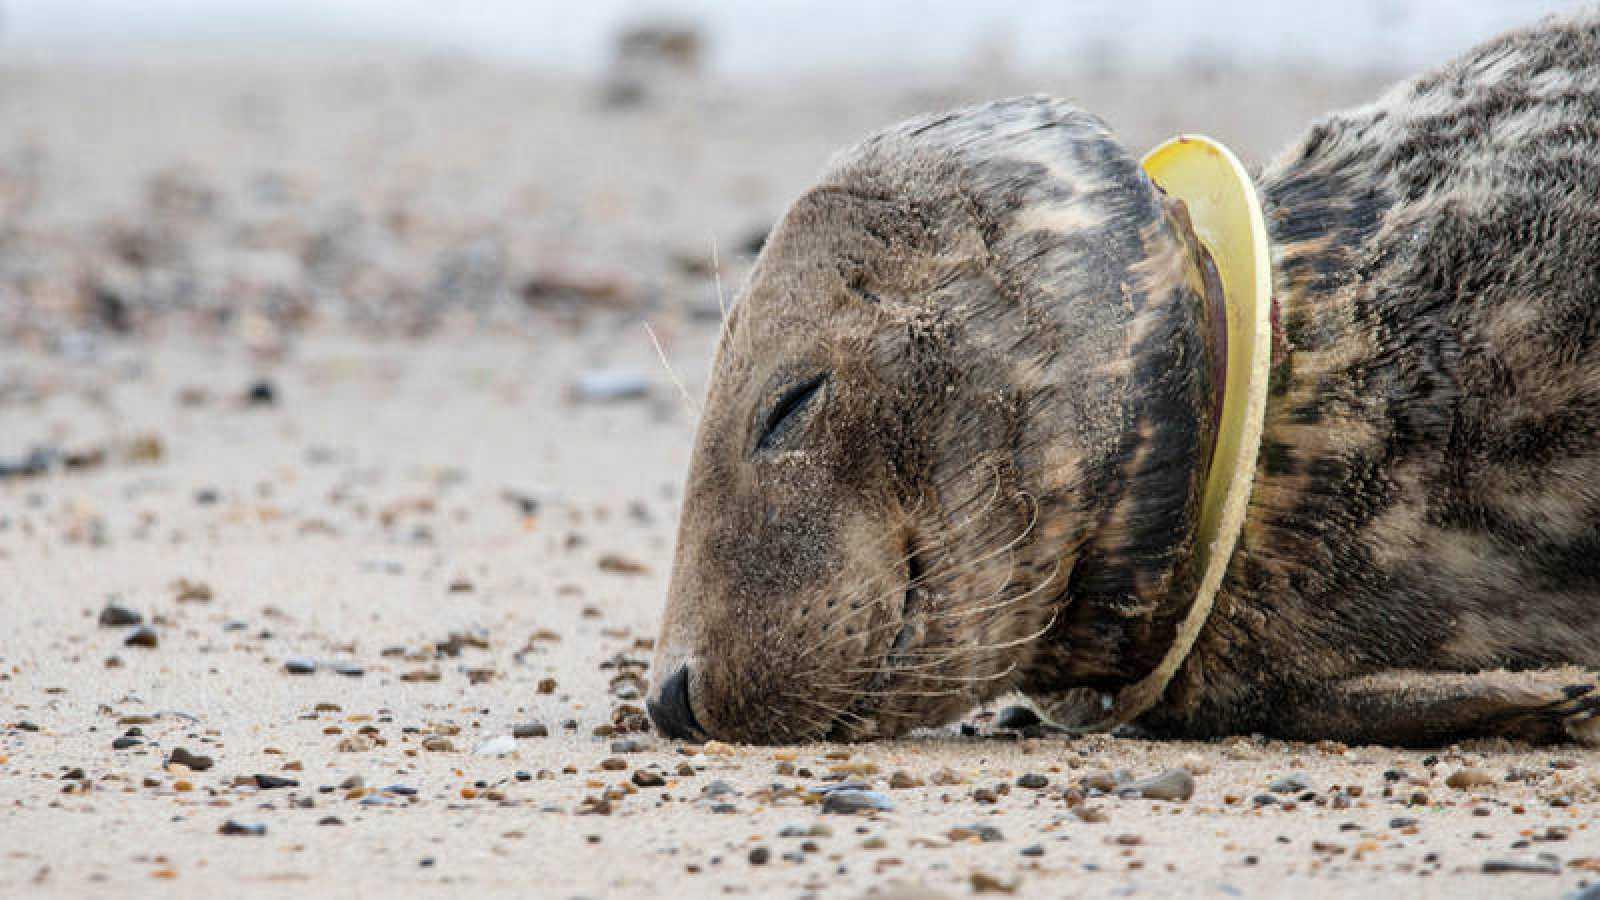 Una foca herida con un 'frisbee' en el cuello